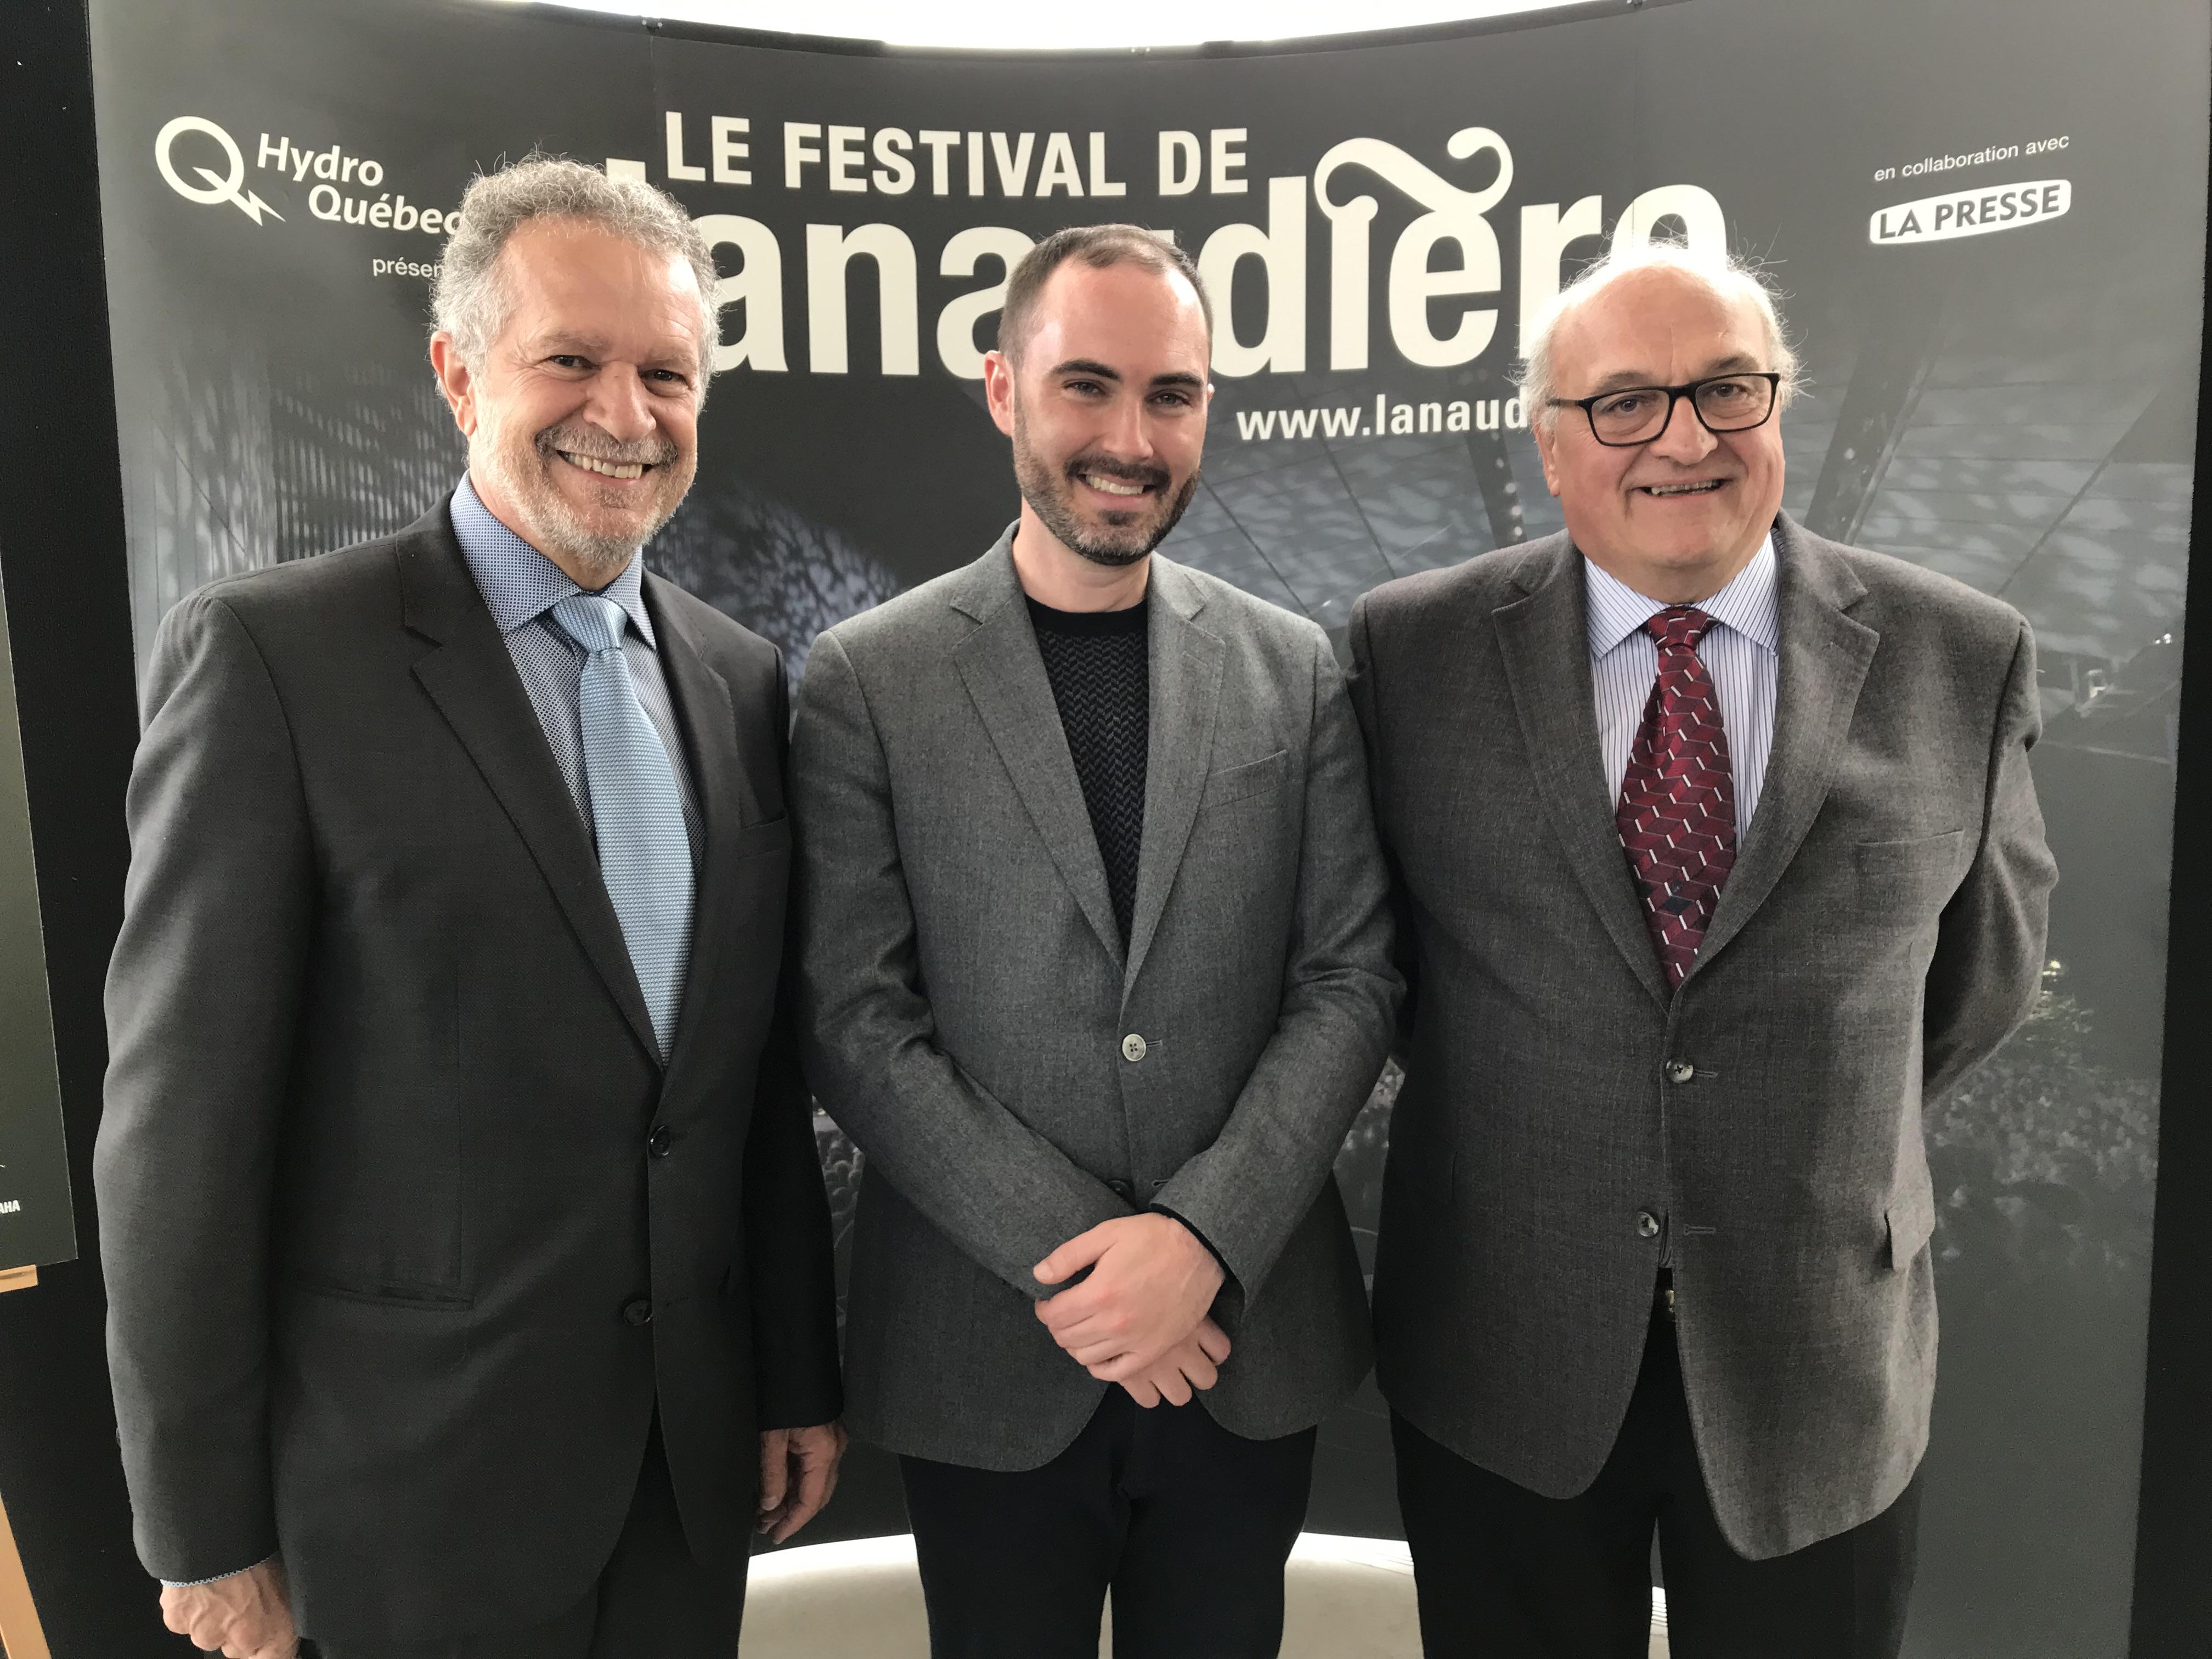 Festival de Lanaudière 2019